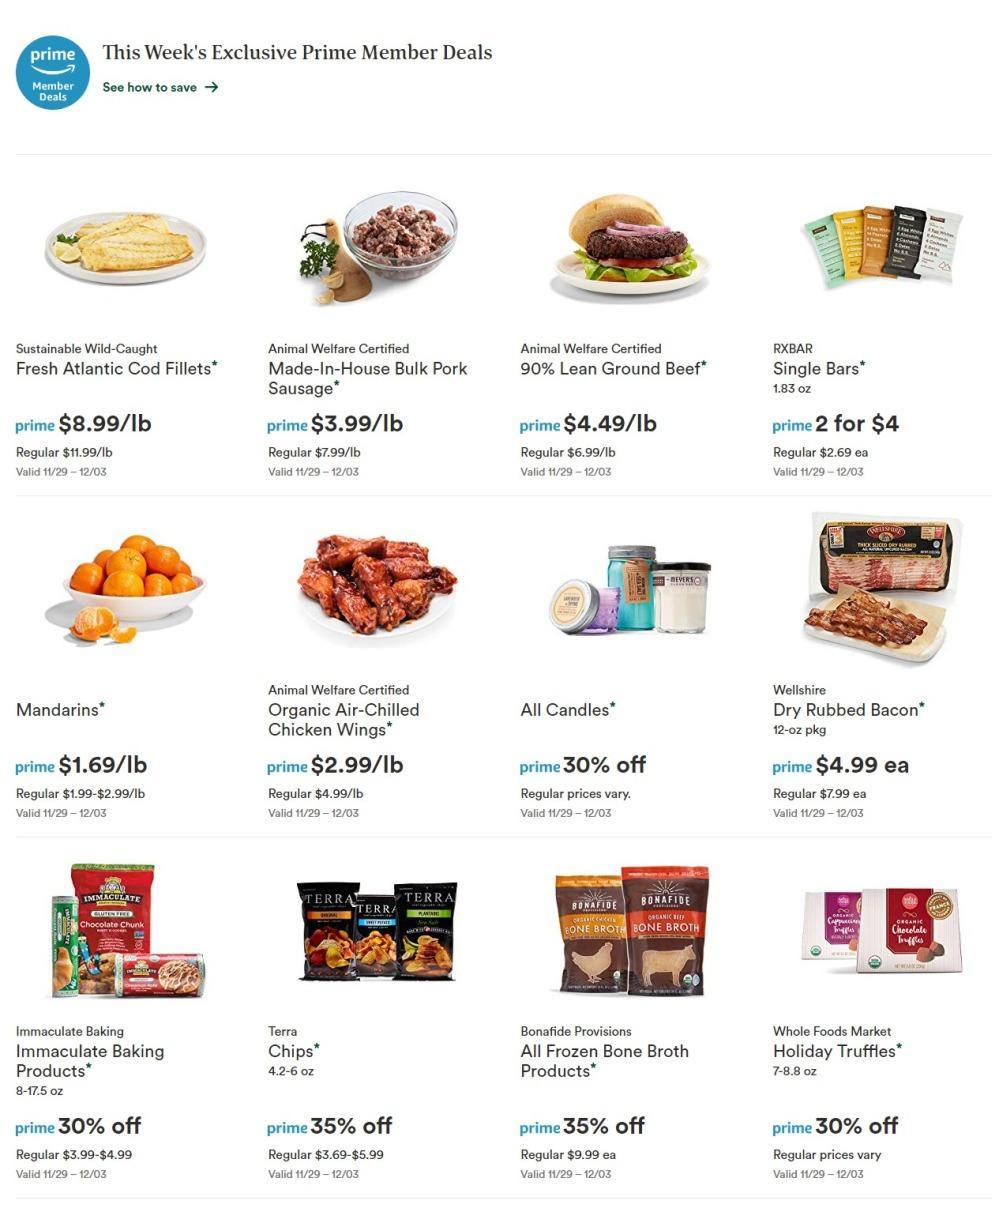 Wholefoodsmarket Black Friday Ads